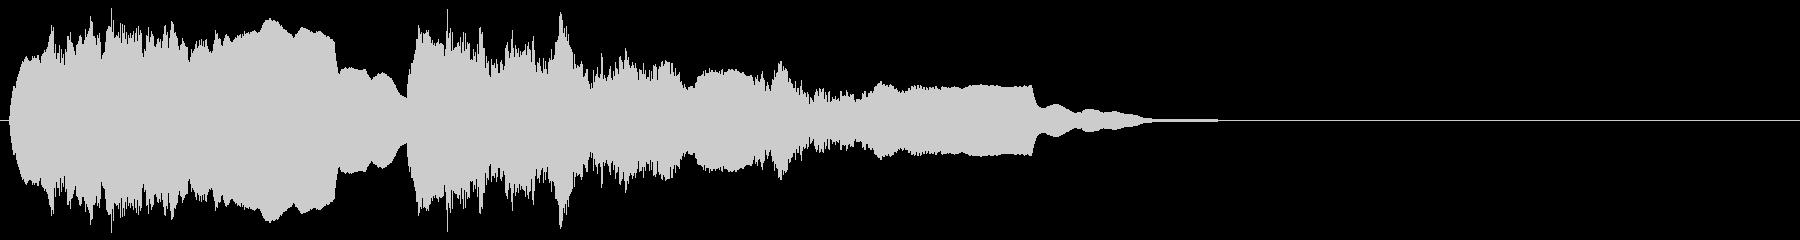 リコーダー バッハ トッカータとフーガの未再生の波形